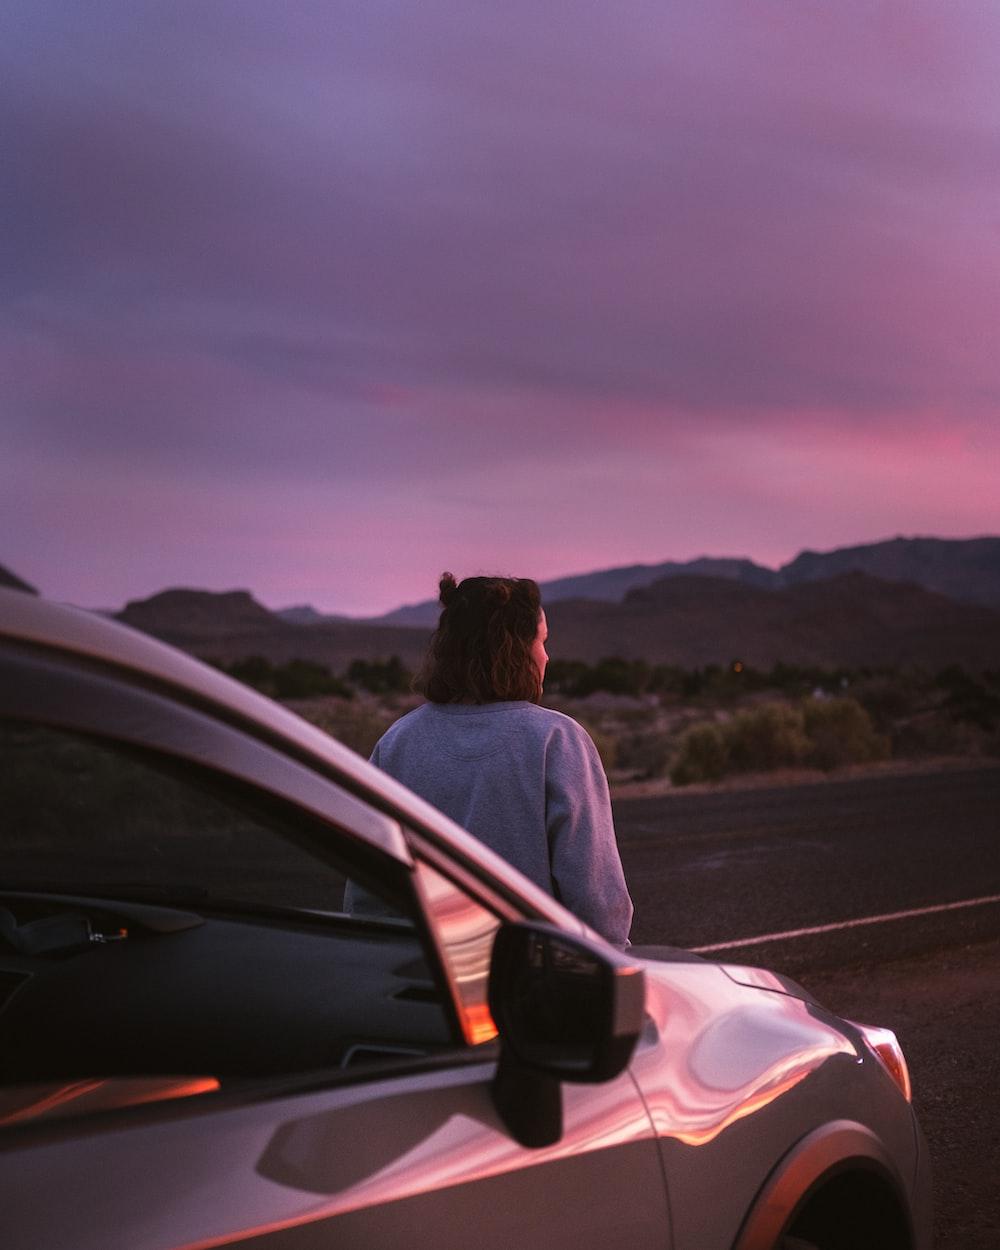 man in white shirt sitting on car hood during daytime